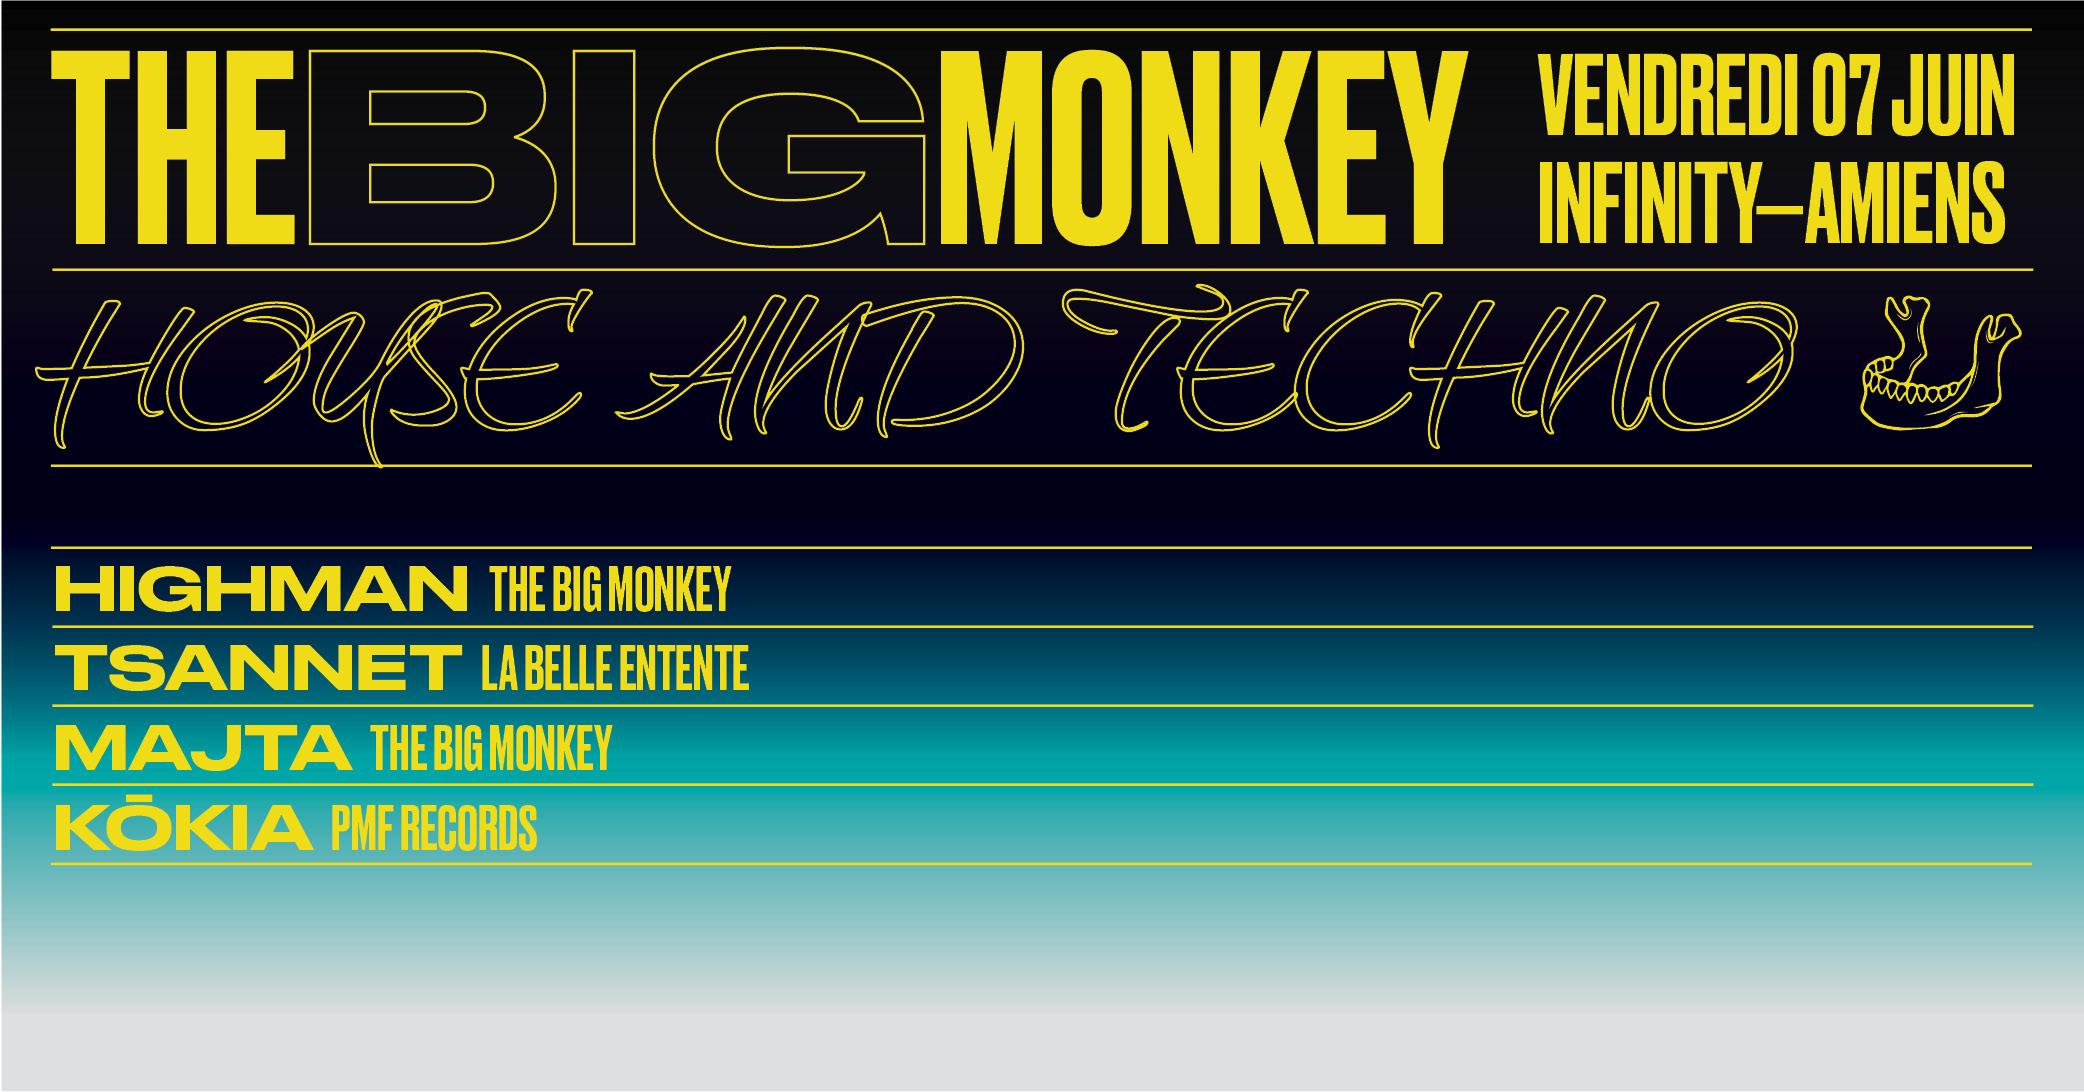 Infinity // The Big Monkey & Co